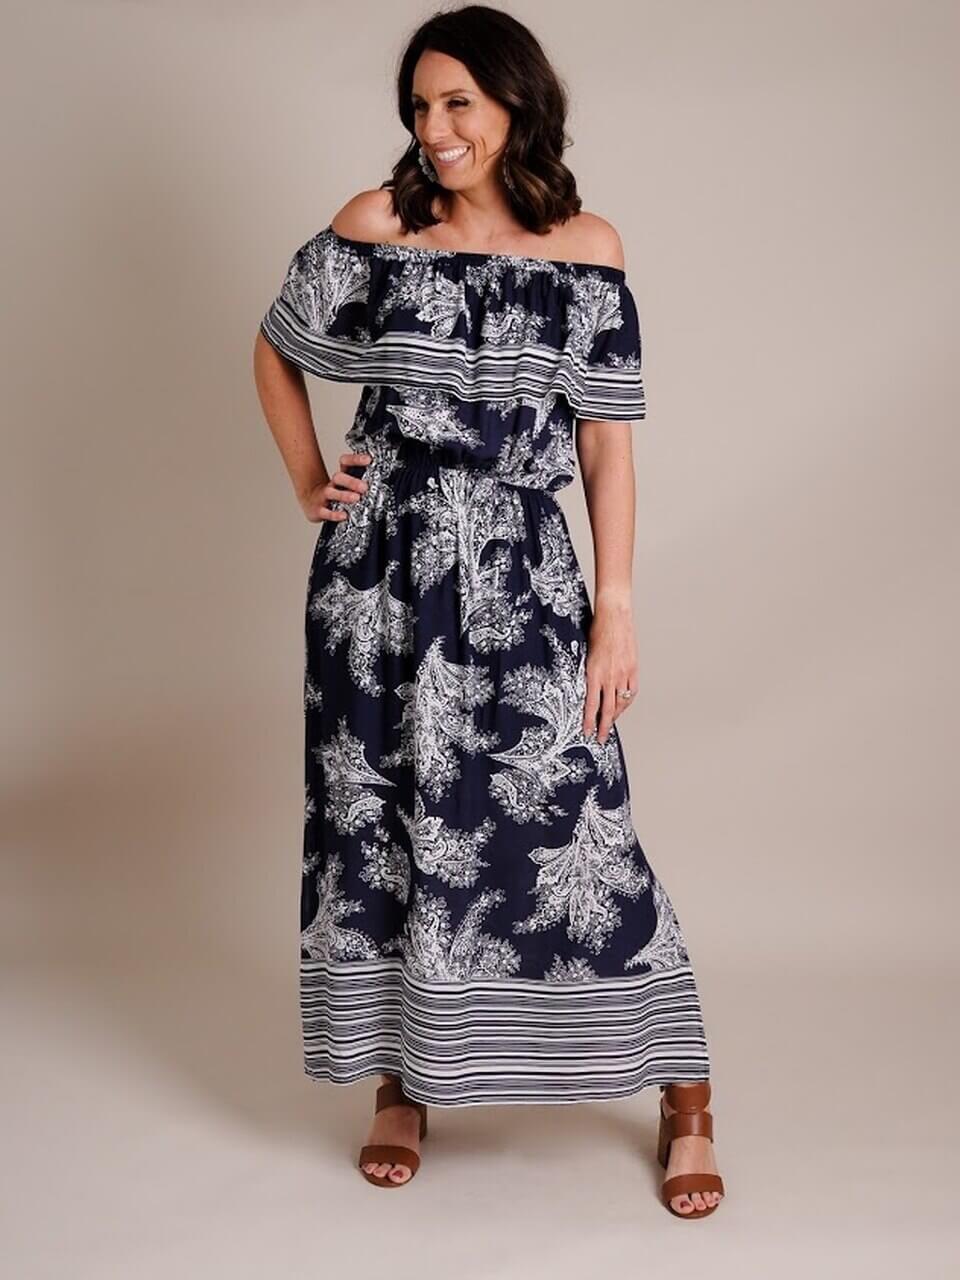 miller st. boutique Stripe Border Dress